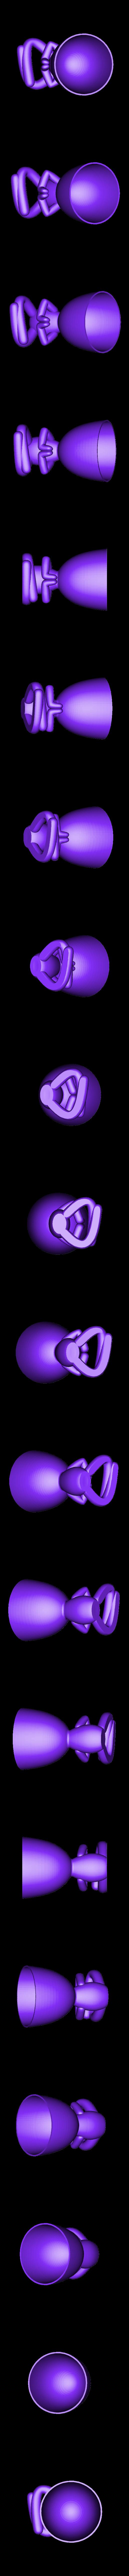 rezando.stl Télécharger fichier OBJ gratuit 2 vase Robert yoga - 2 pot de fleurs Robert yoga • Plan pour imprimante 3D, CREATIONSISHI